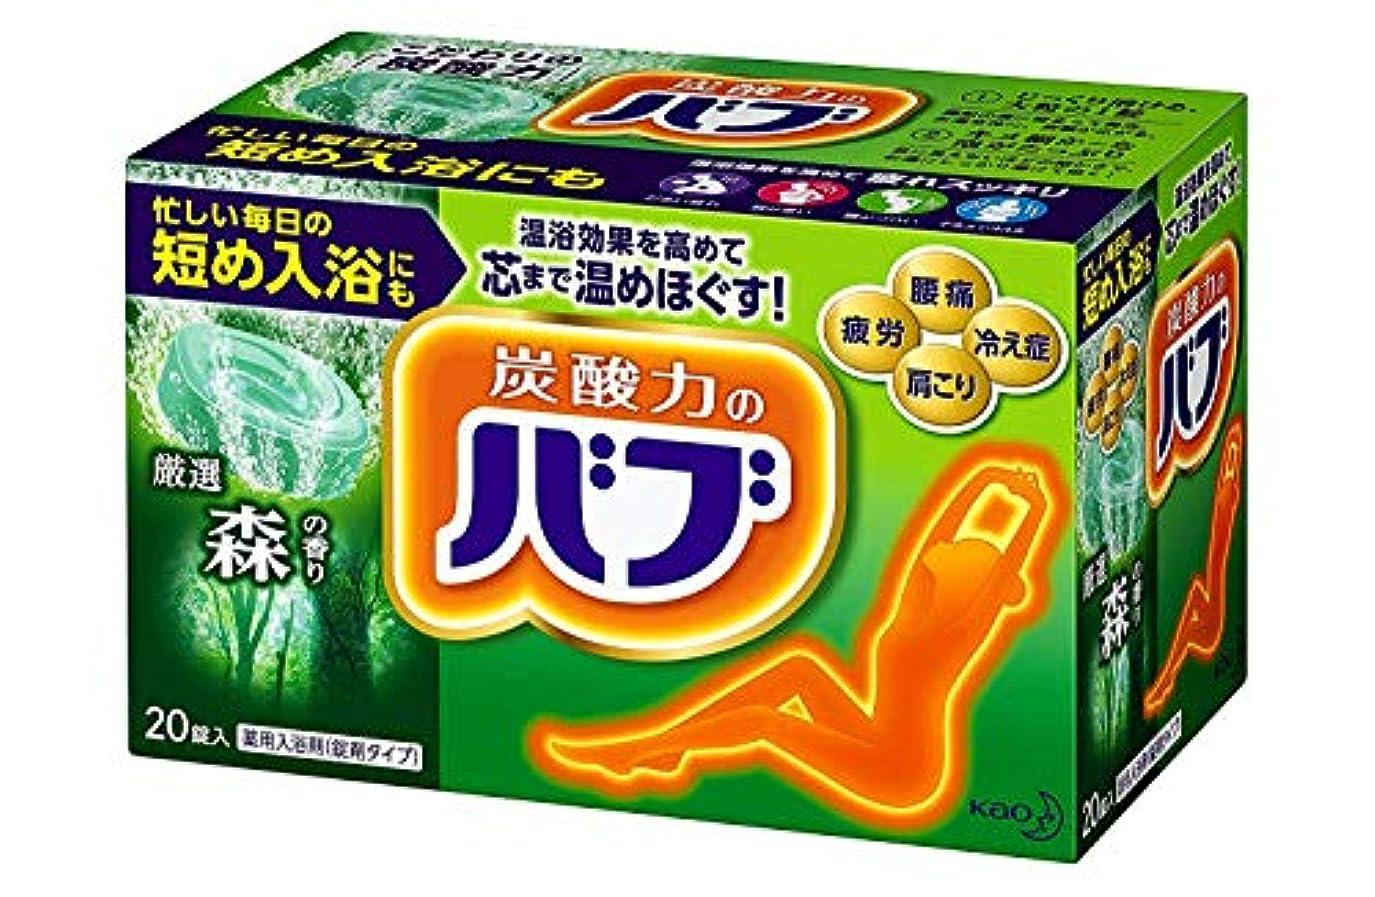 オーロック説明的ロースト【花王】バブ 森の香り (20錠入) ×20個セット